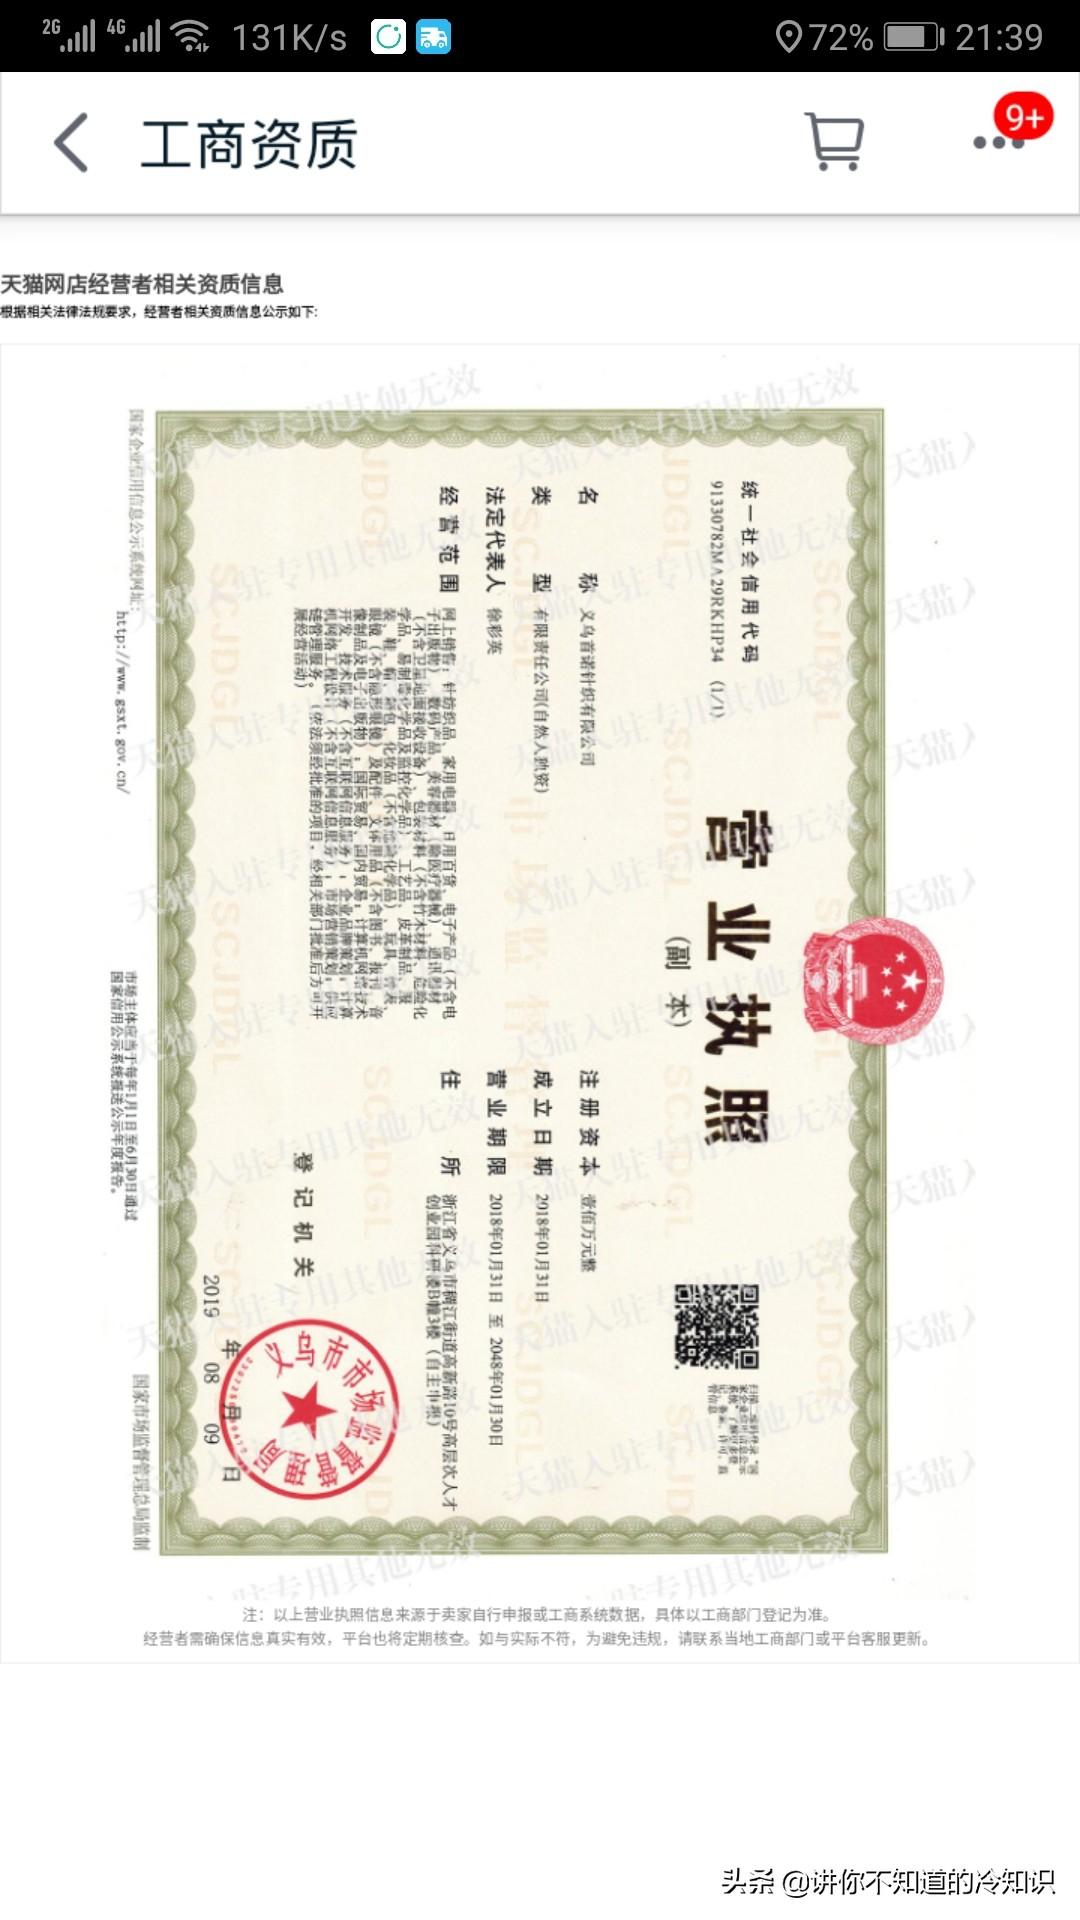 天猫官方网站旗舰店(教你正确分辨官方旗舰店)